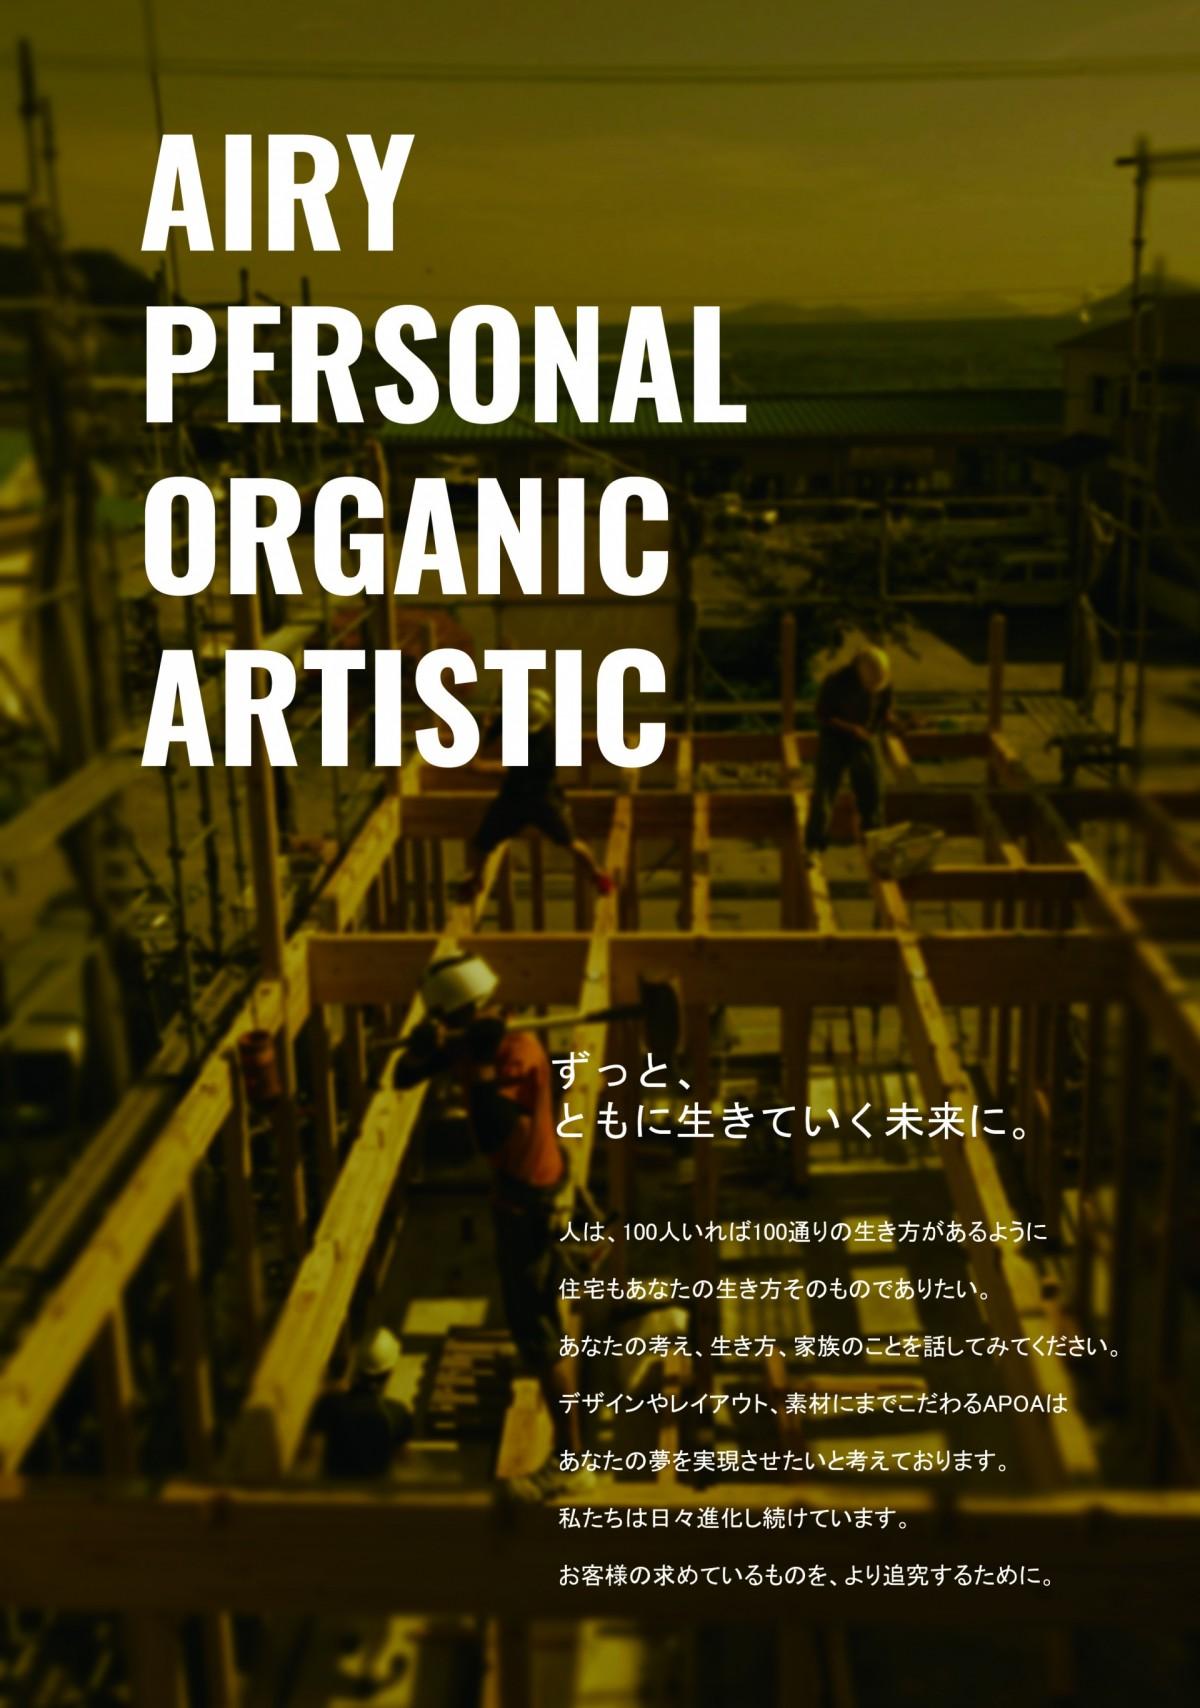 Airy-Personal-Organic-Artistic ずっと、ともに生きていく未来に。人は、100人いれば100通りの生き方があるように住宅もあなたの生き方そのものでありたい。あなたの考え、生き方、家族のことを話してみてください。デザインやレイアウト、素材にまでこだわるAPOAはあなたの夢を実現させたいと考えております。私たちは日々進化し続けています。お客様の求めているものを、より追求するために。